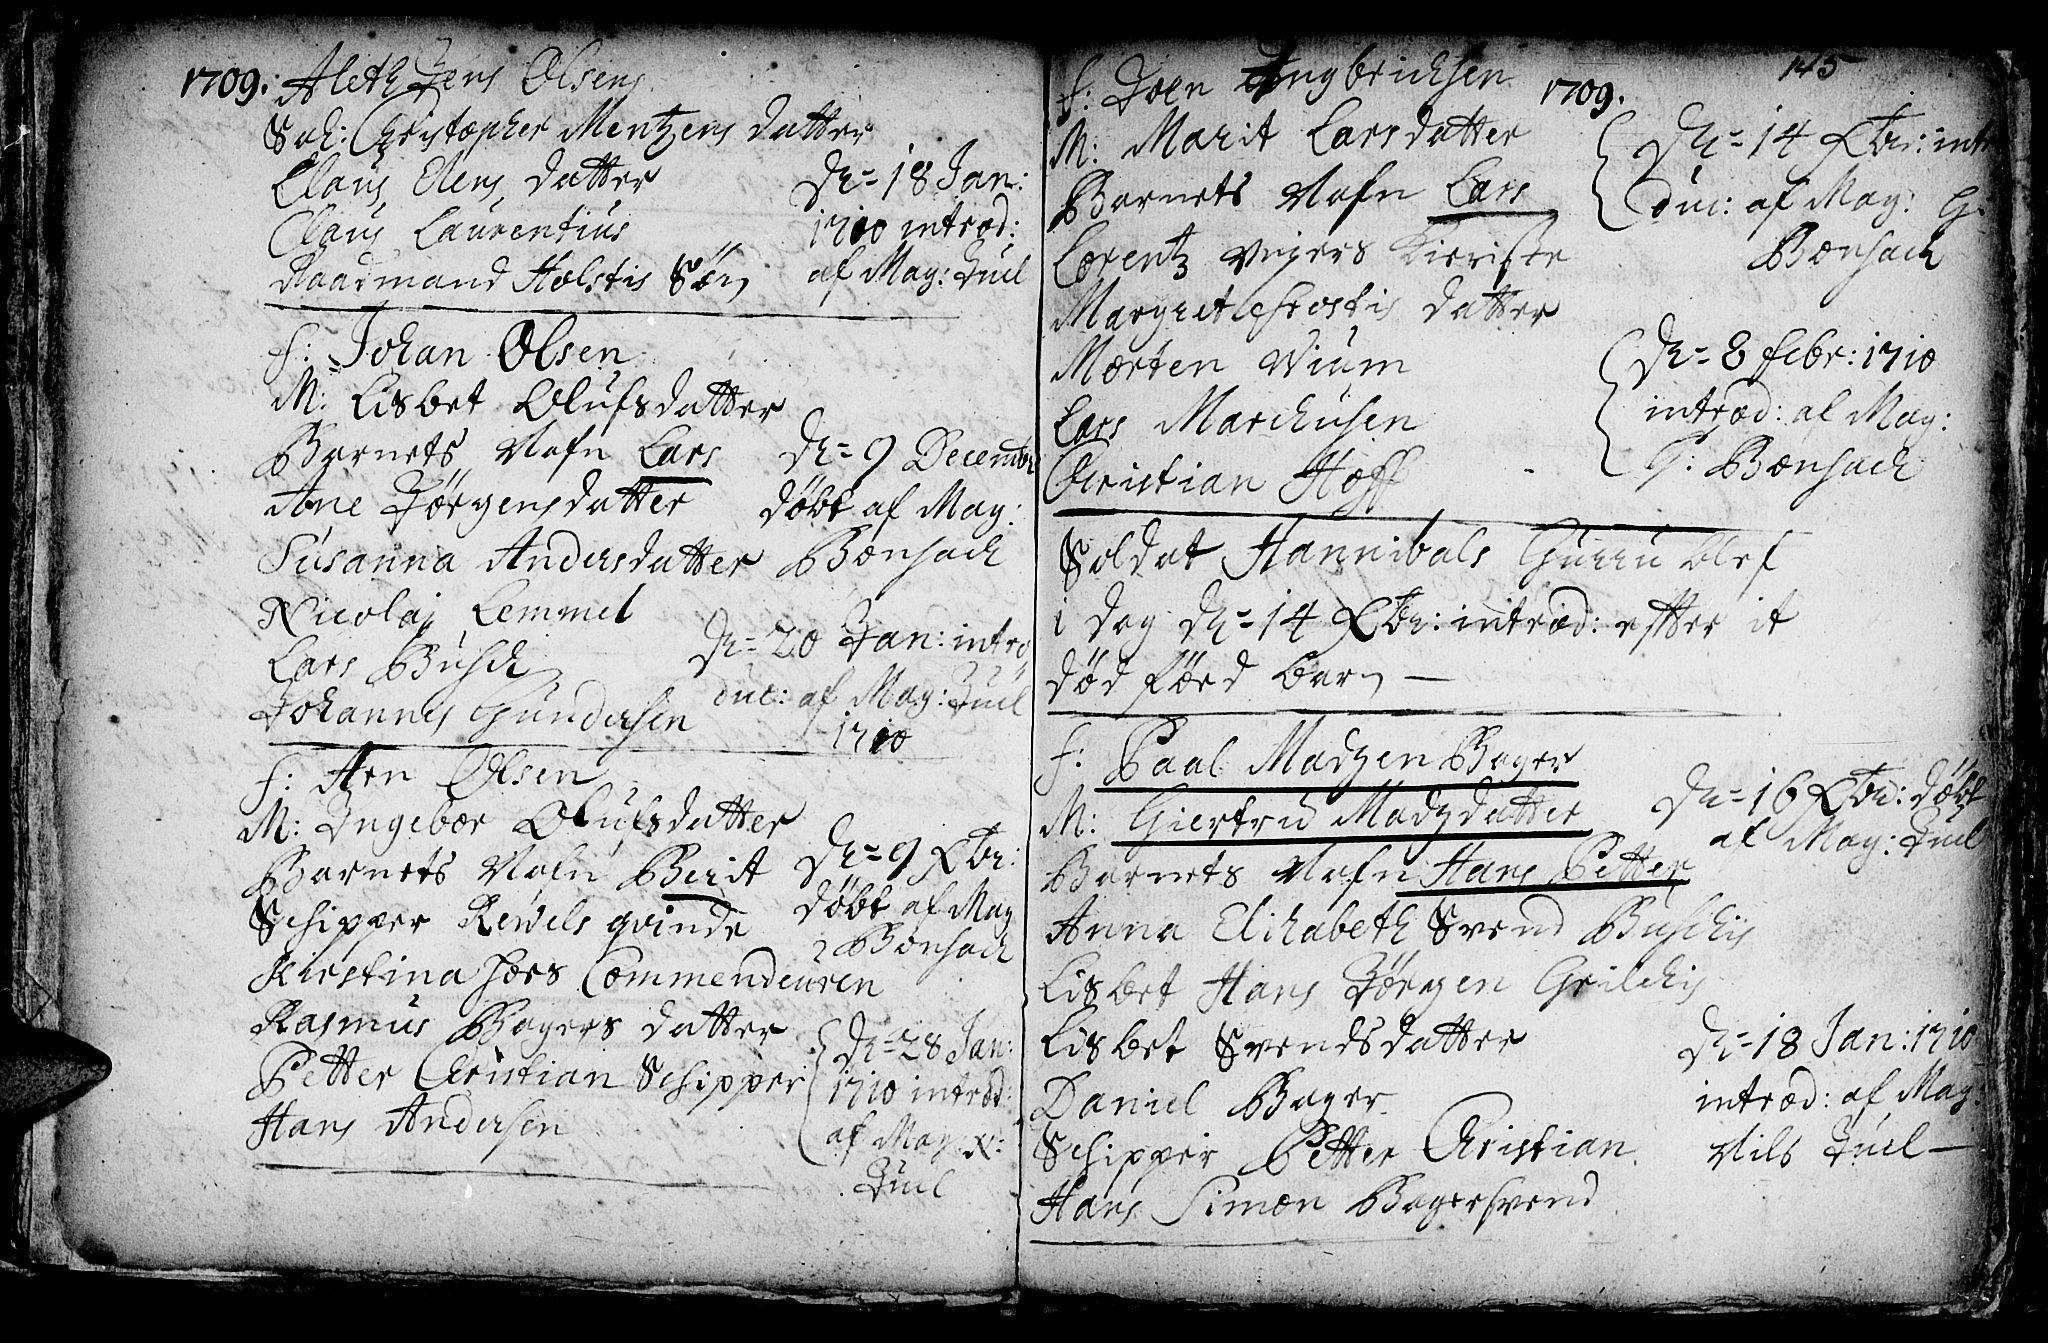 SAT, Ministerialprotokoller, klokkerbøker og fødselsregistre - Sør-Trøndelag, 601/L0034: Ministerialbok nr. 601A02, 1702-1714, s. 145